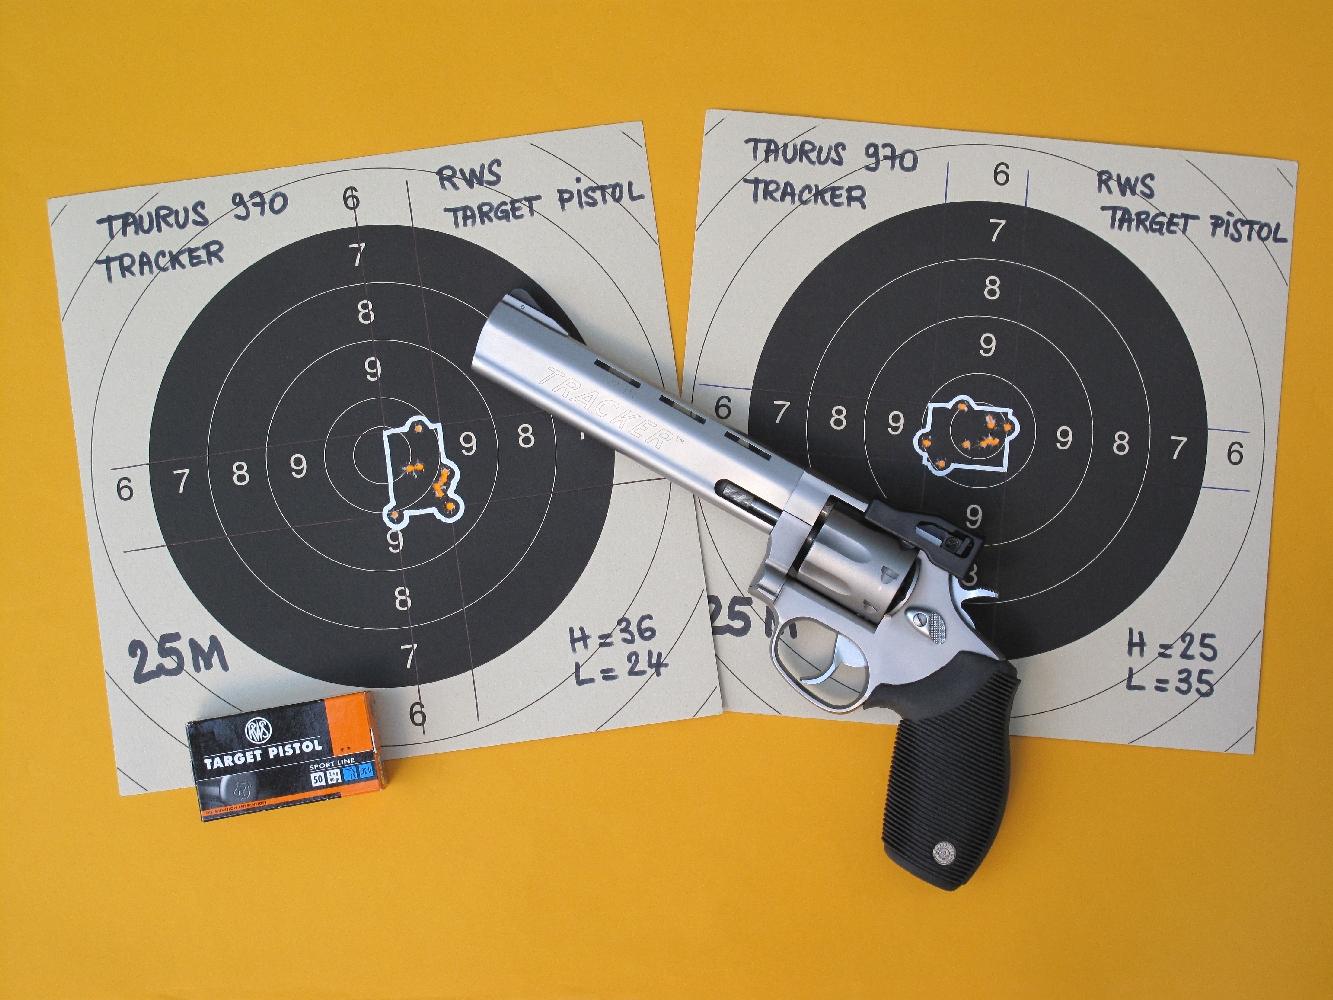 Le contre-essai (cible de droite), que nous effectuons pour vérifier que les RWS Target sont effectivement les munitions qui conviennent le mieux à ce revolver, nous en apporte une confirmation indiscutable : l'écart maxi est presque le même (36 mm au lieu de 38) et le H + L est identique (60 mm).